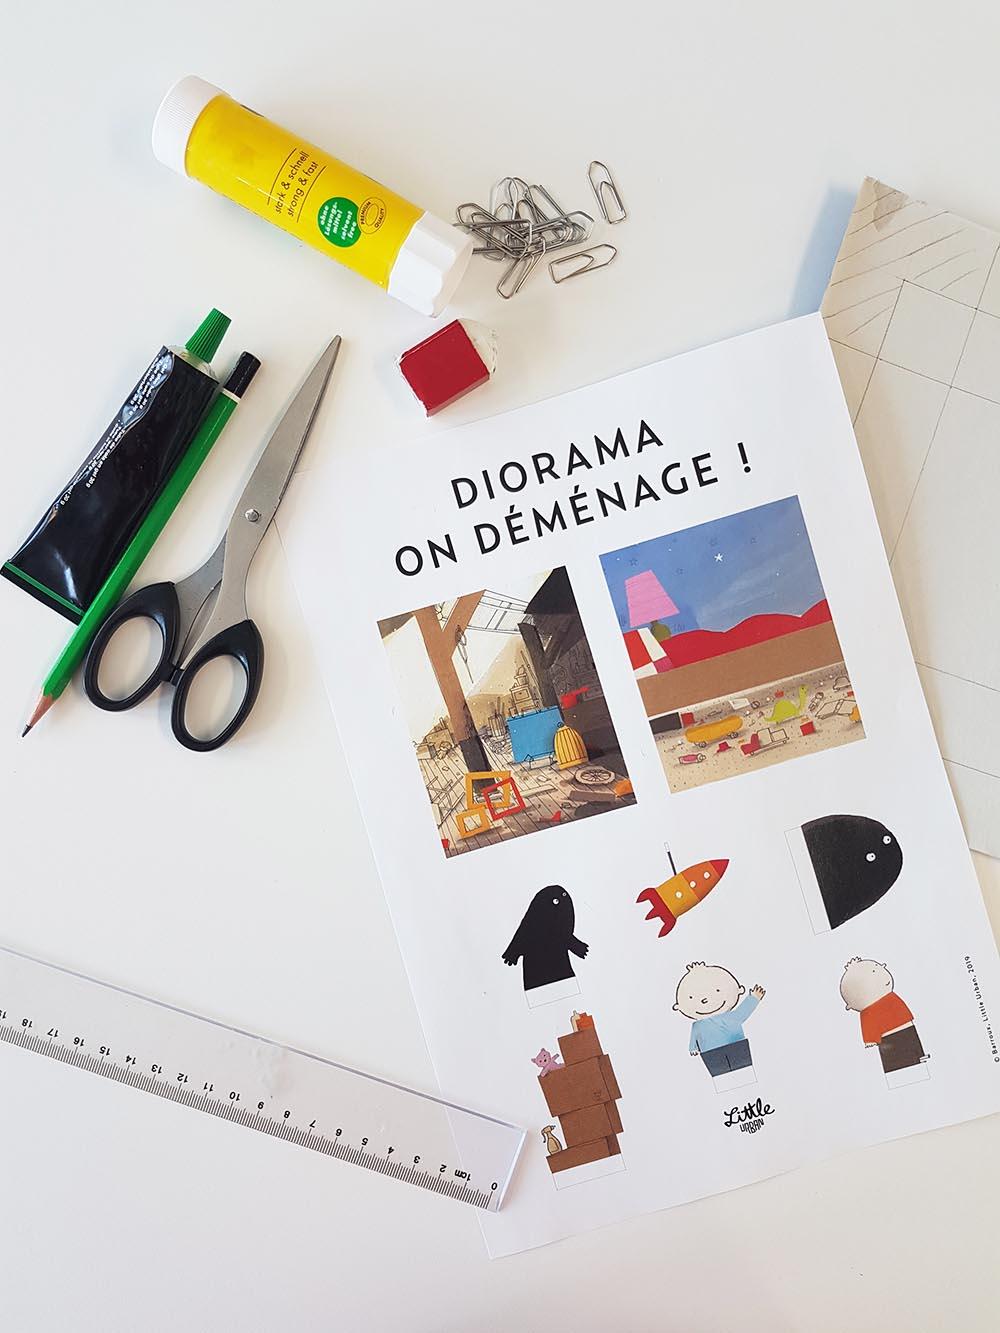 Diorama - 1